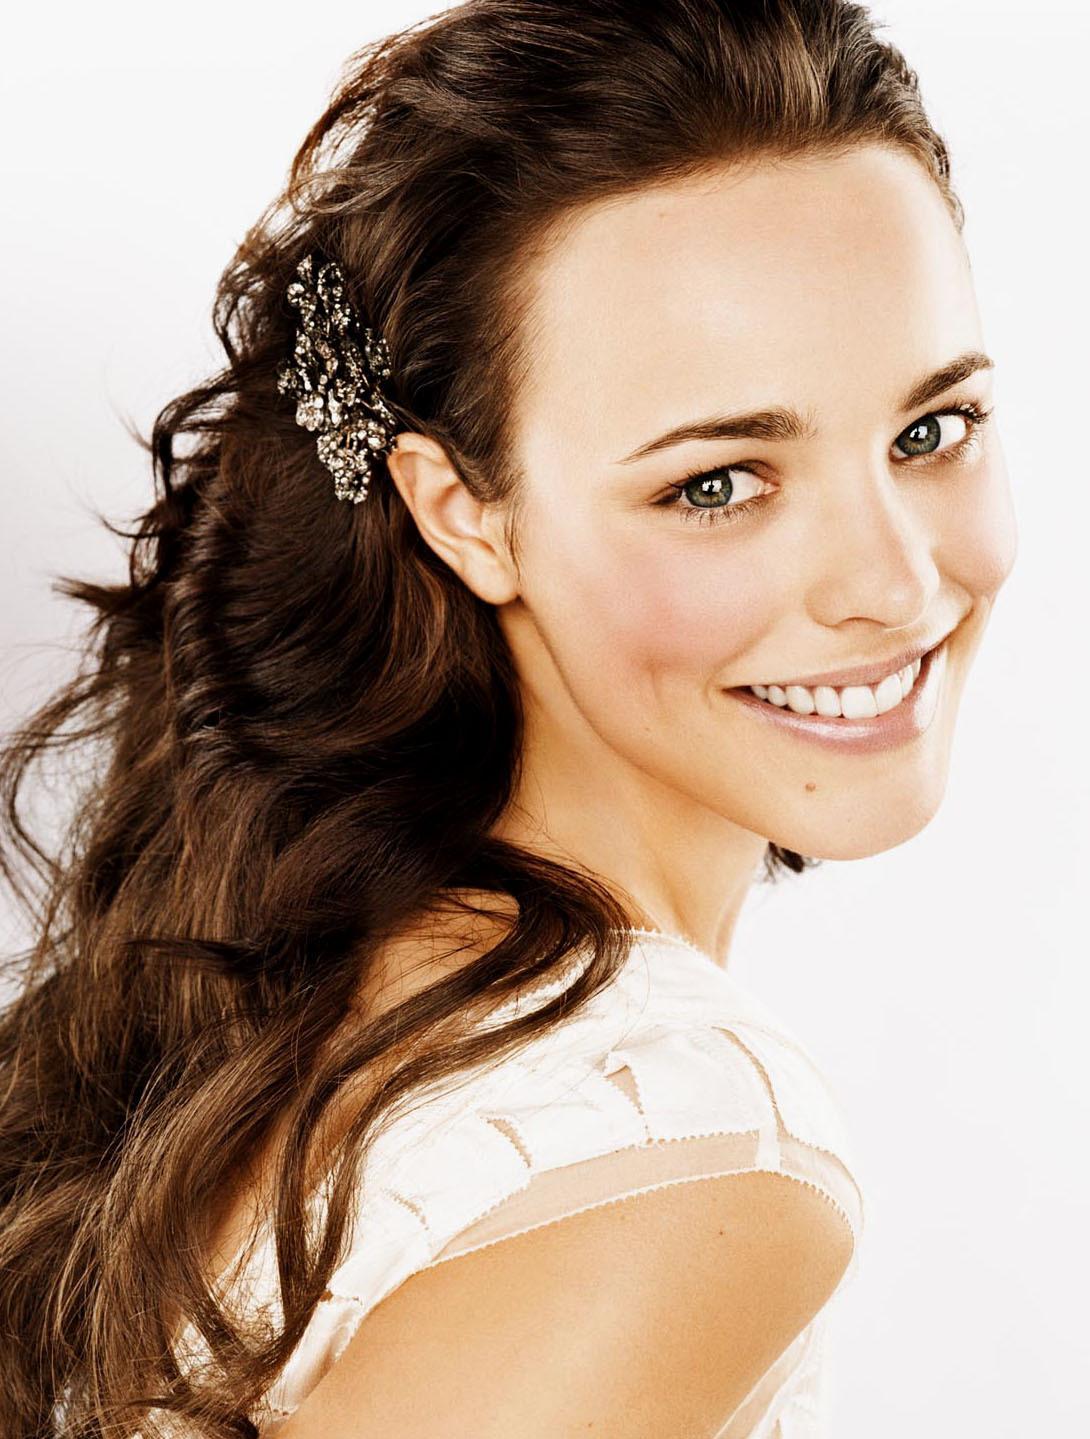 http://3.bp.blogspot.com/_-h3omWfAgFg/TUr99GCtTbI/AAAAAAAAAkA/4Pypq6QXbIU/s1600/Rachel-McAdams-HQ-actresses-7955395-1090-1439.jpg